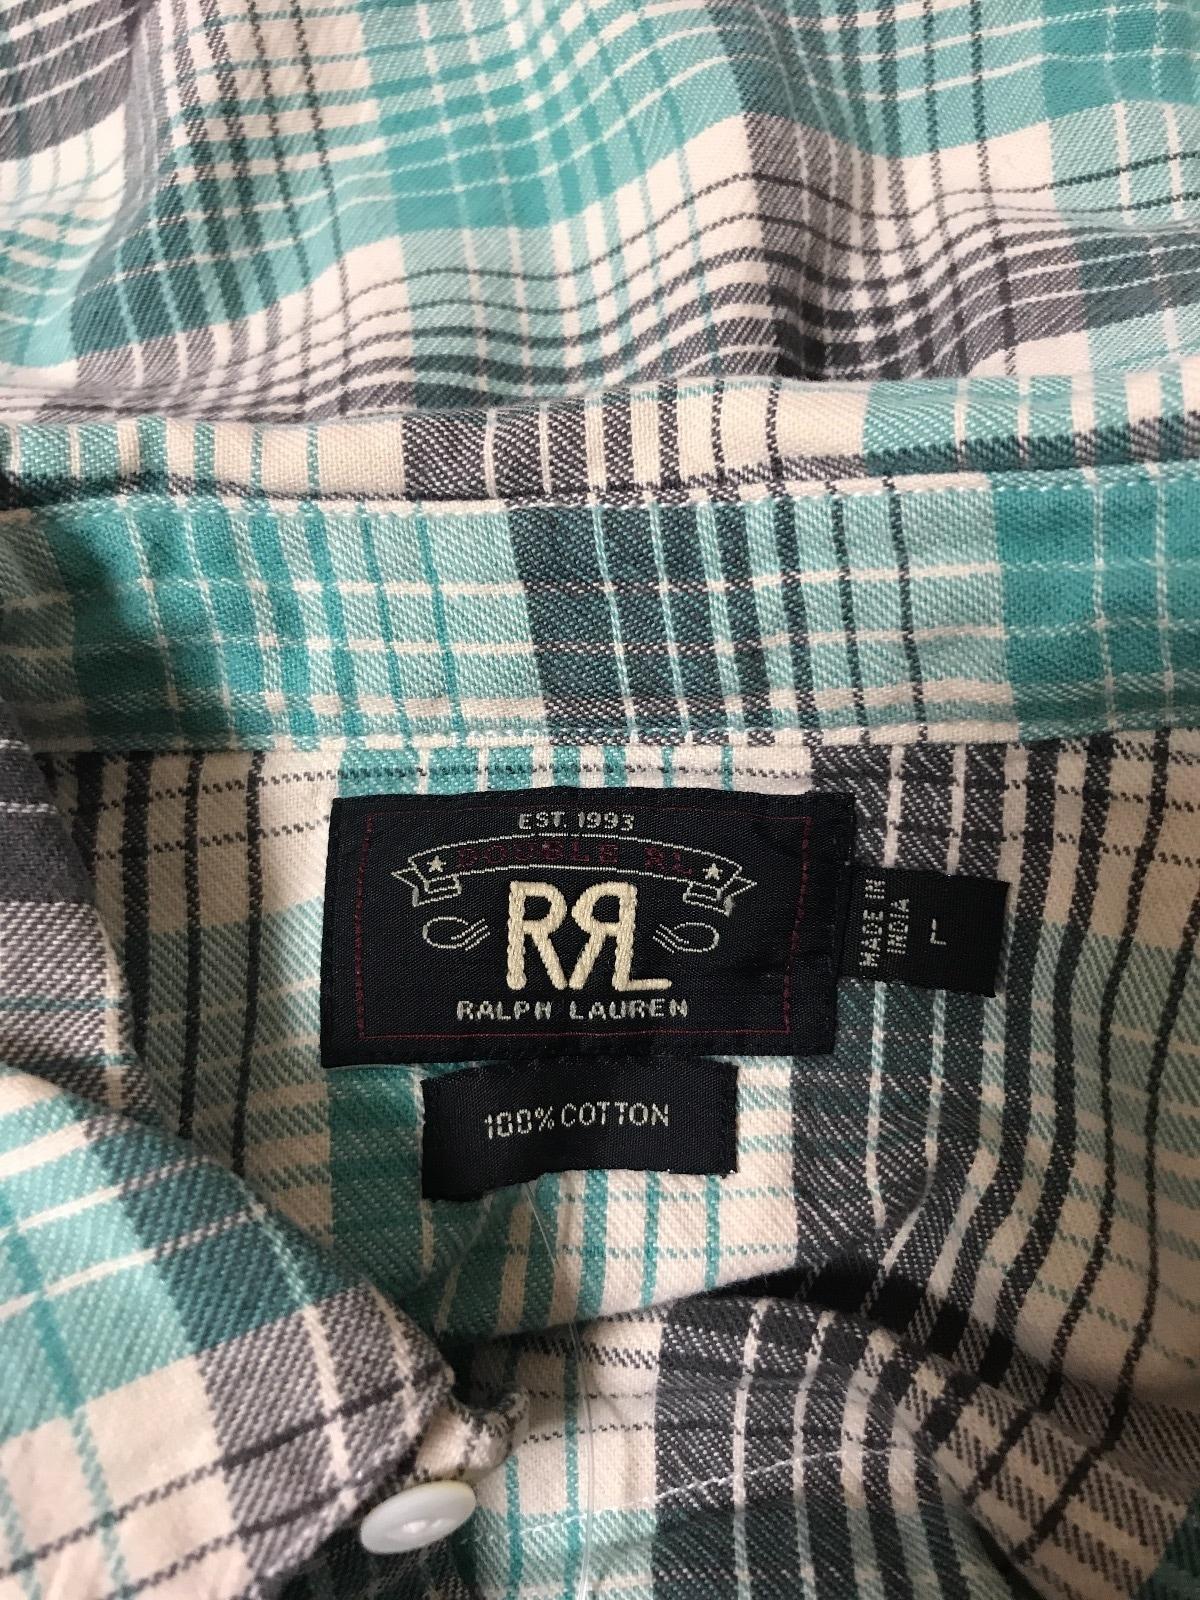 RRL RALPH LAUREN(ダブルアールエル ラルフローレン)のシャツブラウス